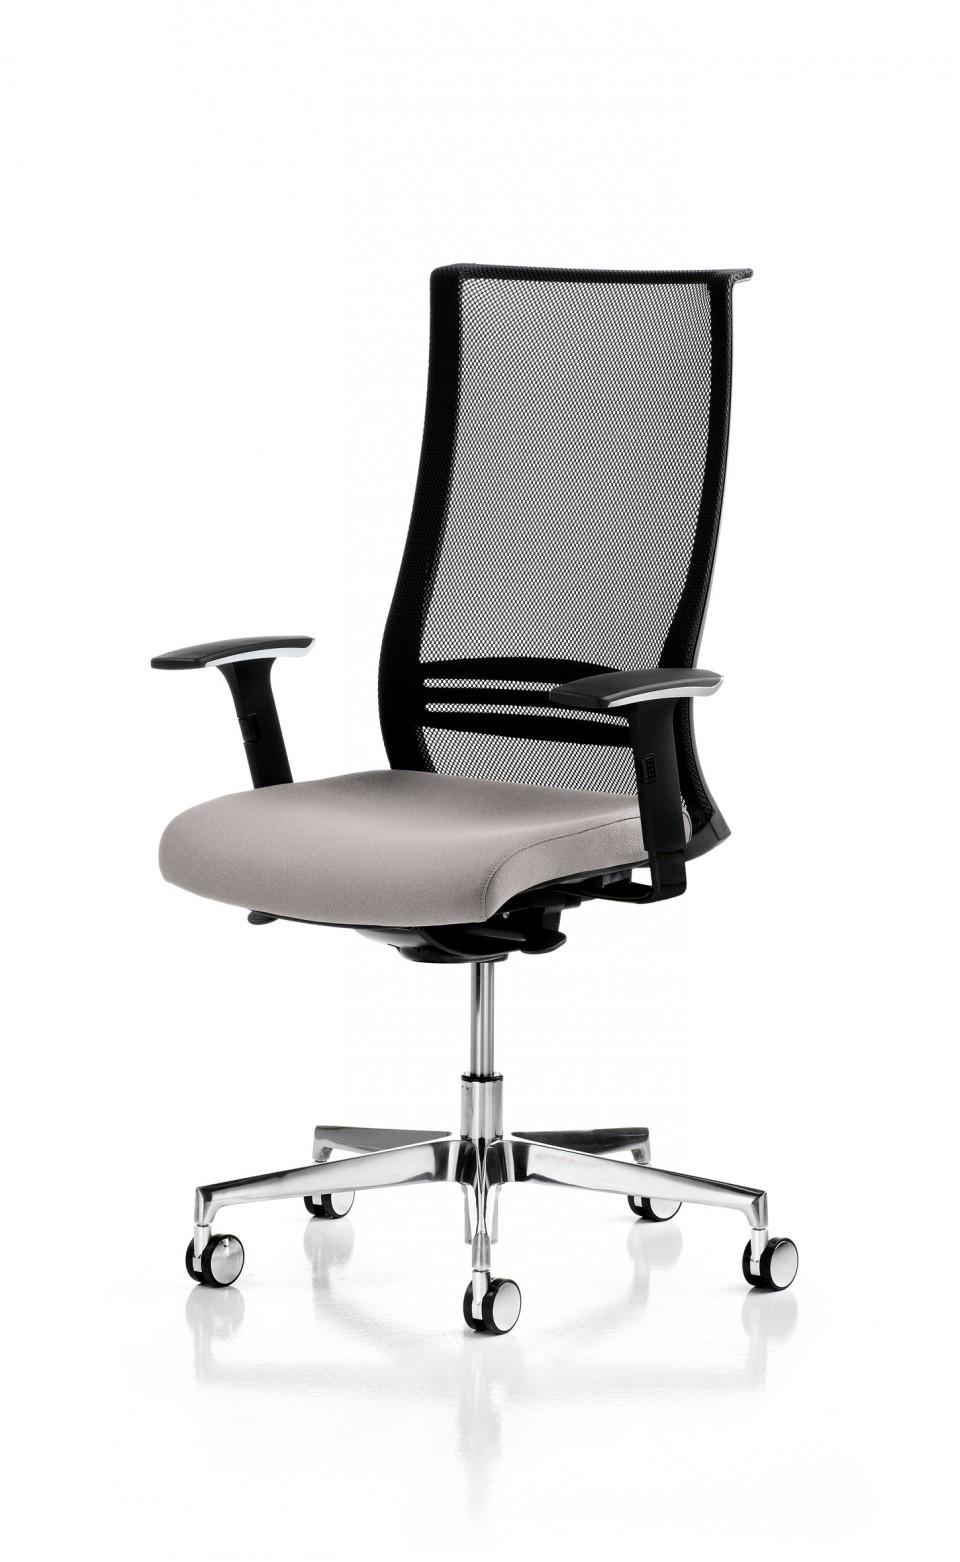 fauteuil bureau ergonomique wave noir achat si ge de. Black Bedroom Furniture Sets. Home Design Ideas